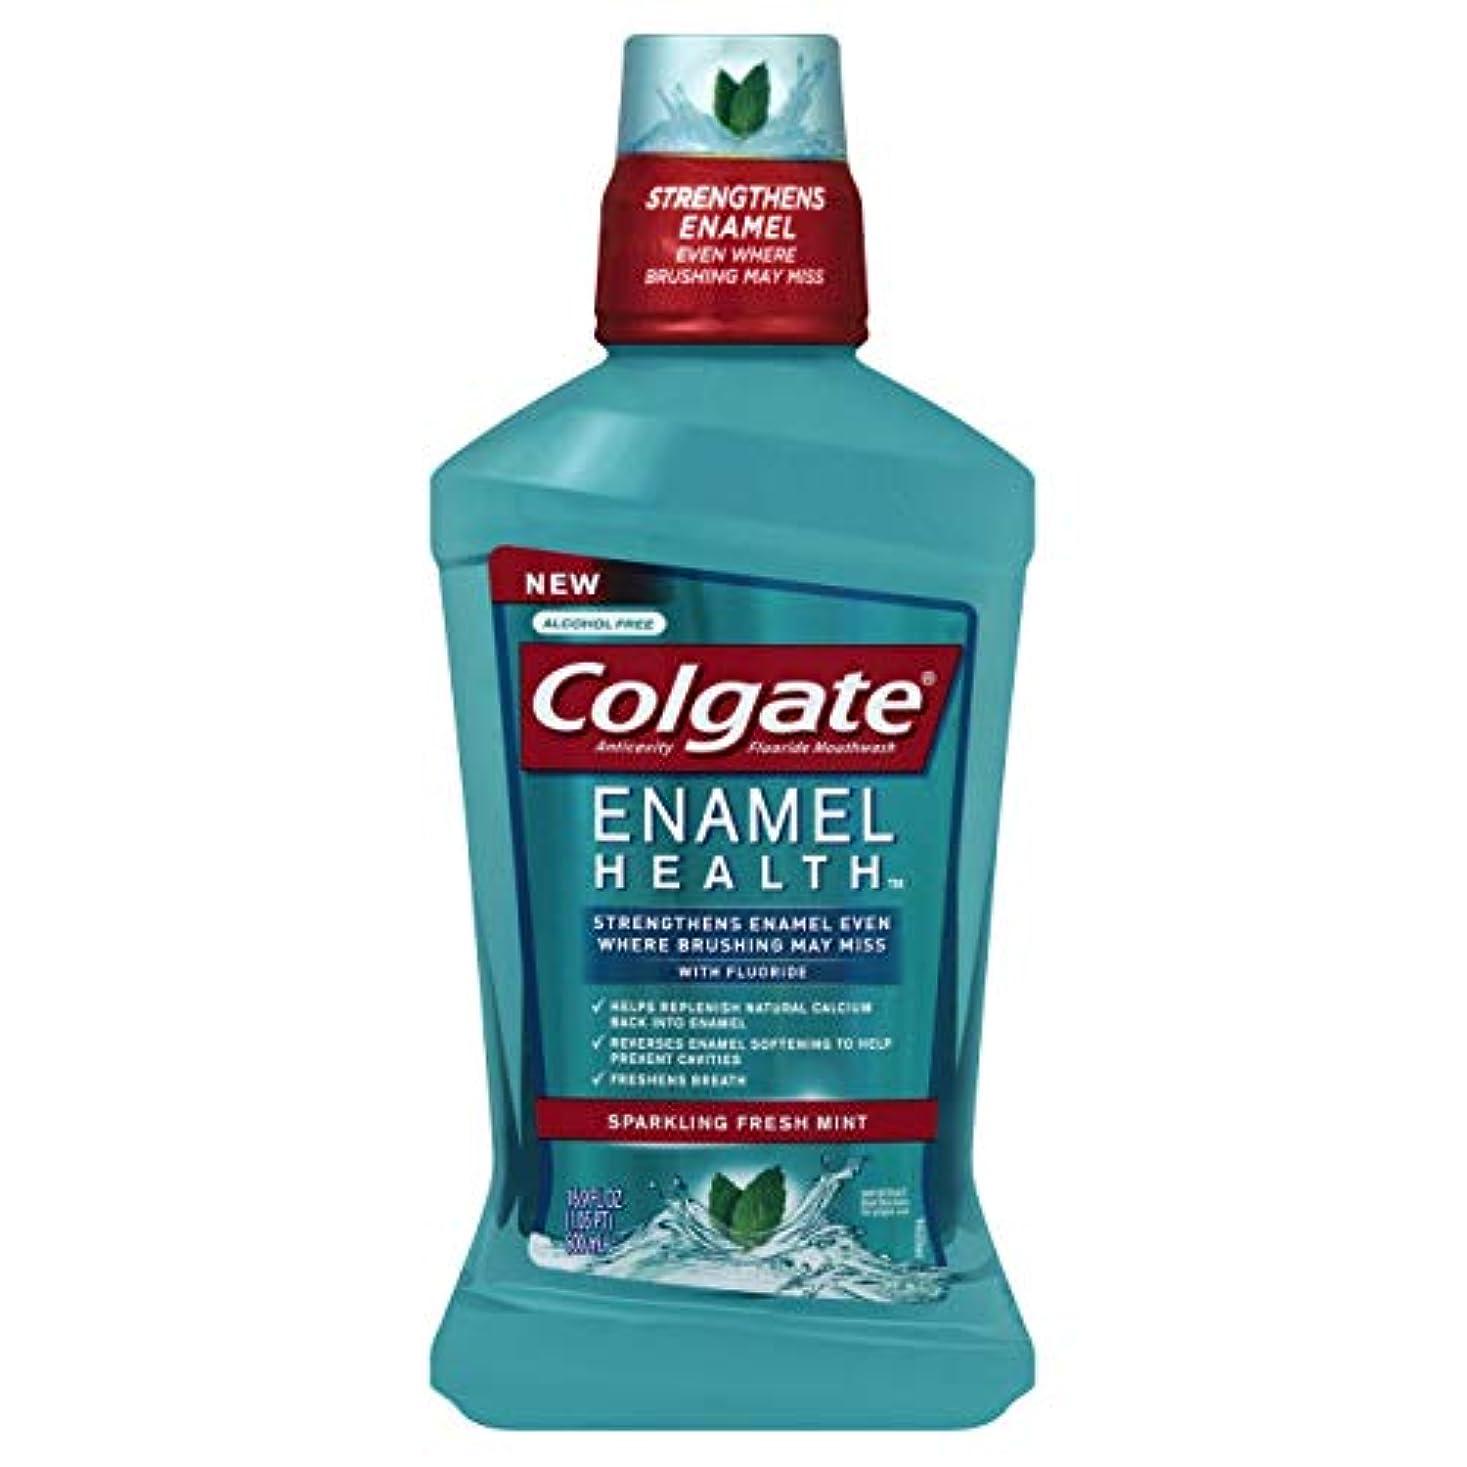 配偶者下線資本主義Colgate エナメル健康スパークリングフレッシュミント虫歯予防フッ素うがい薬、500ミリリットル - 6パック